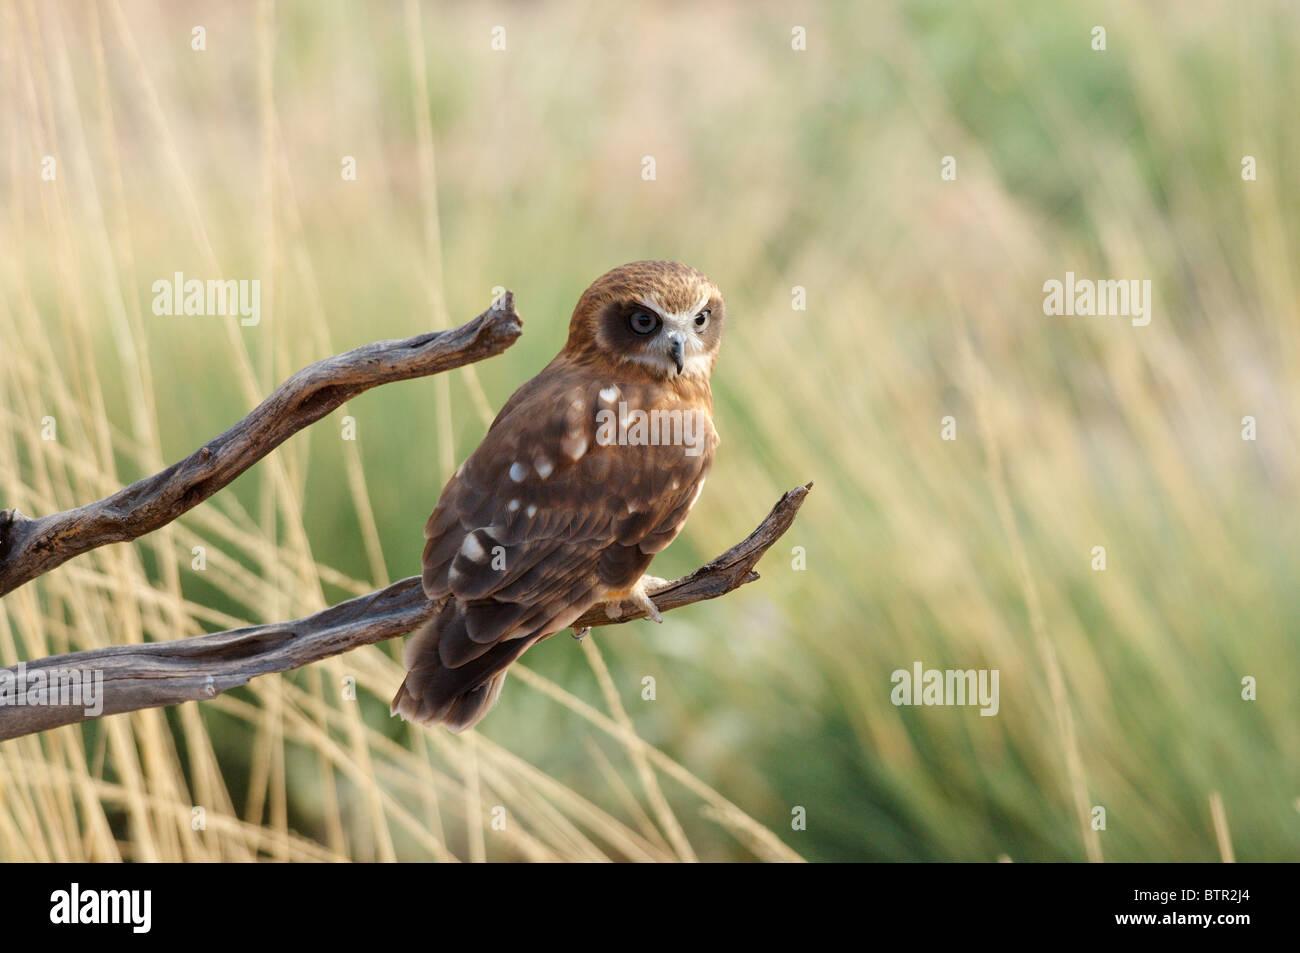 L'Australia, il Parco del Deserto Alice Springs, Owl appollaiate sul ramo Immagini Stock